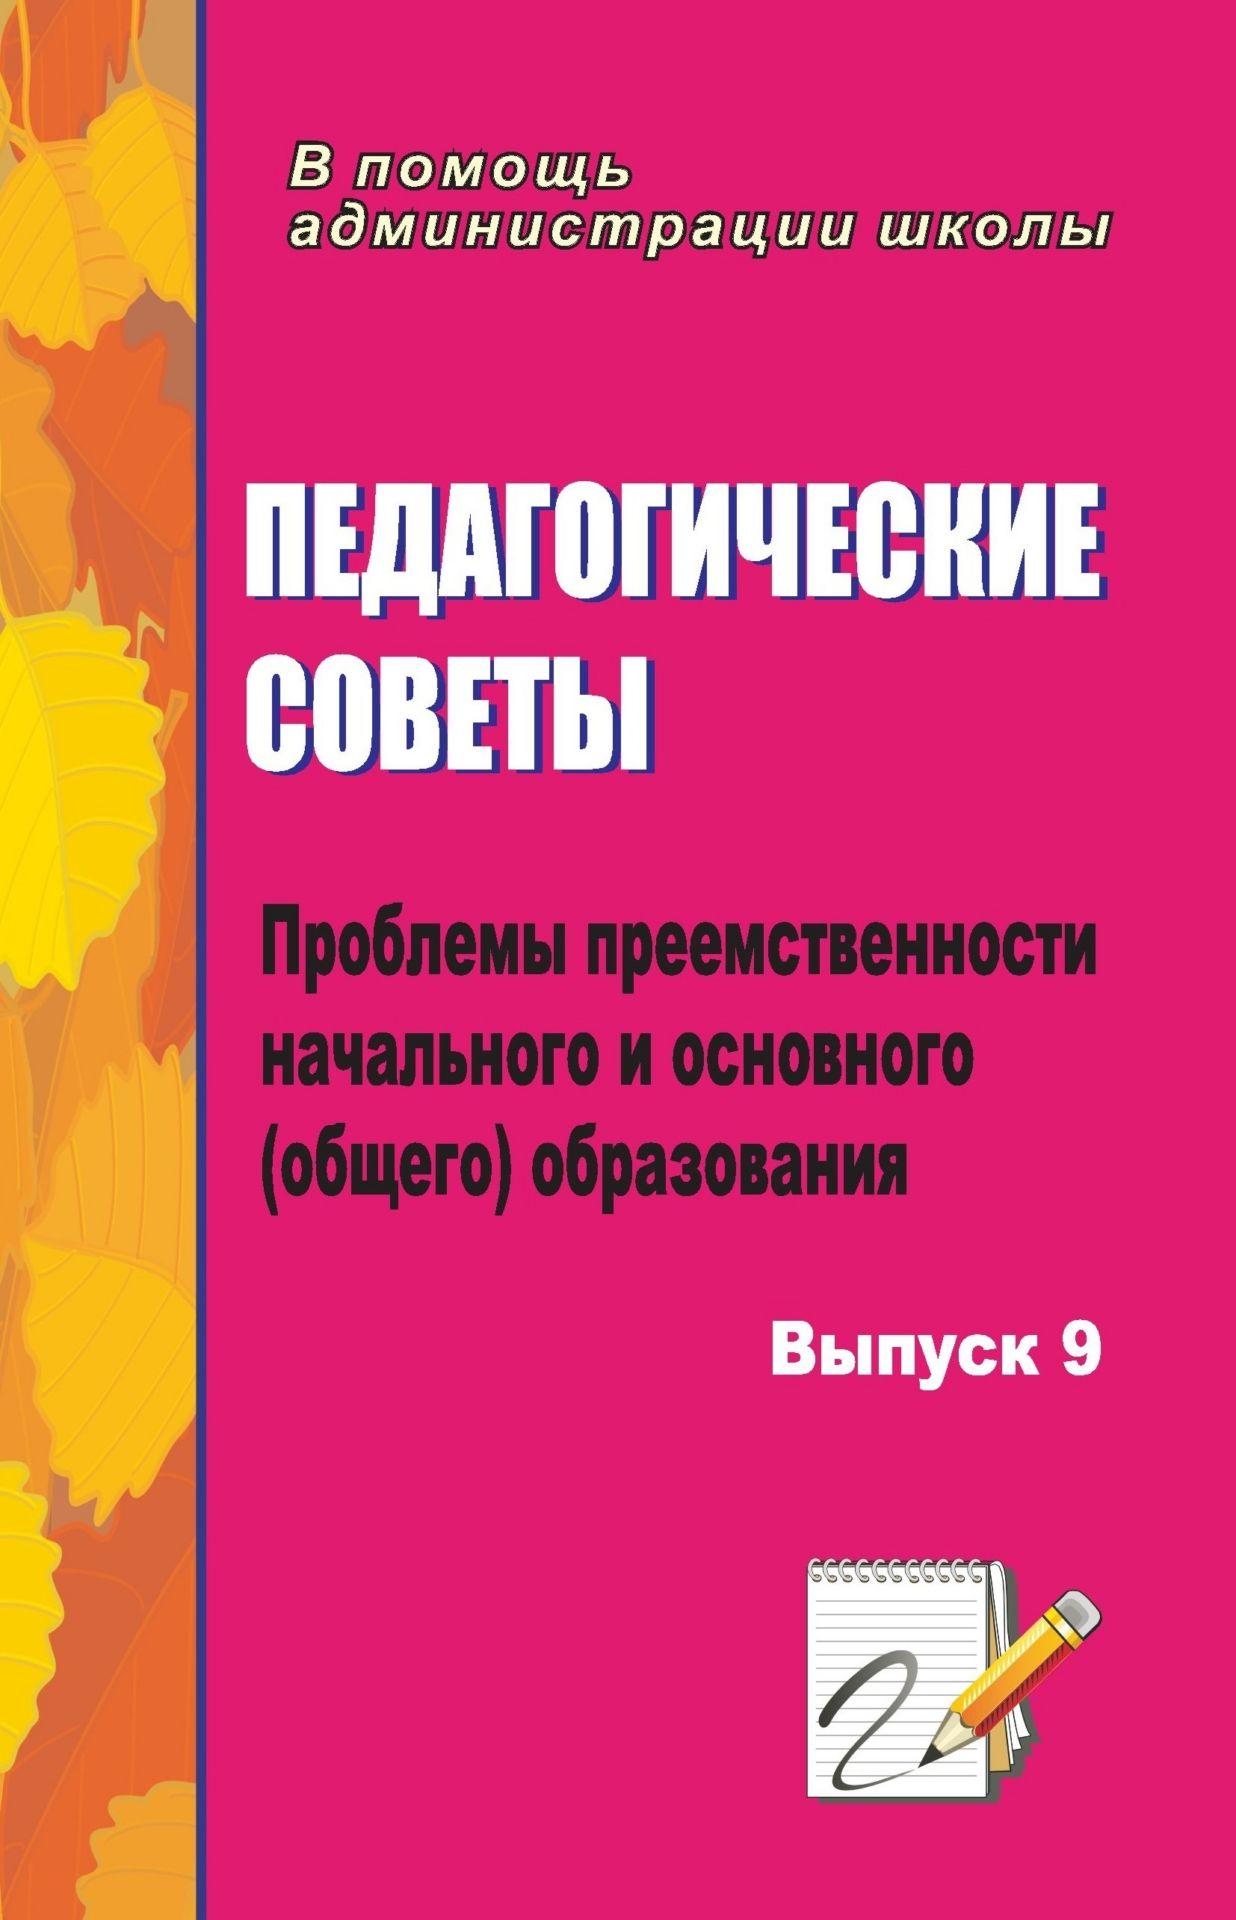 Педагогические советы. Вып. 9.: проблемы преемственности начального и основного (общего) образования